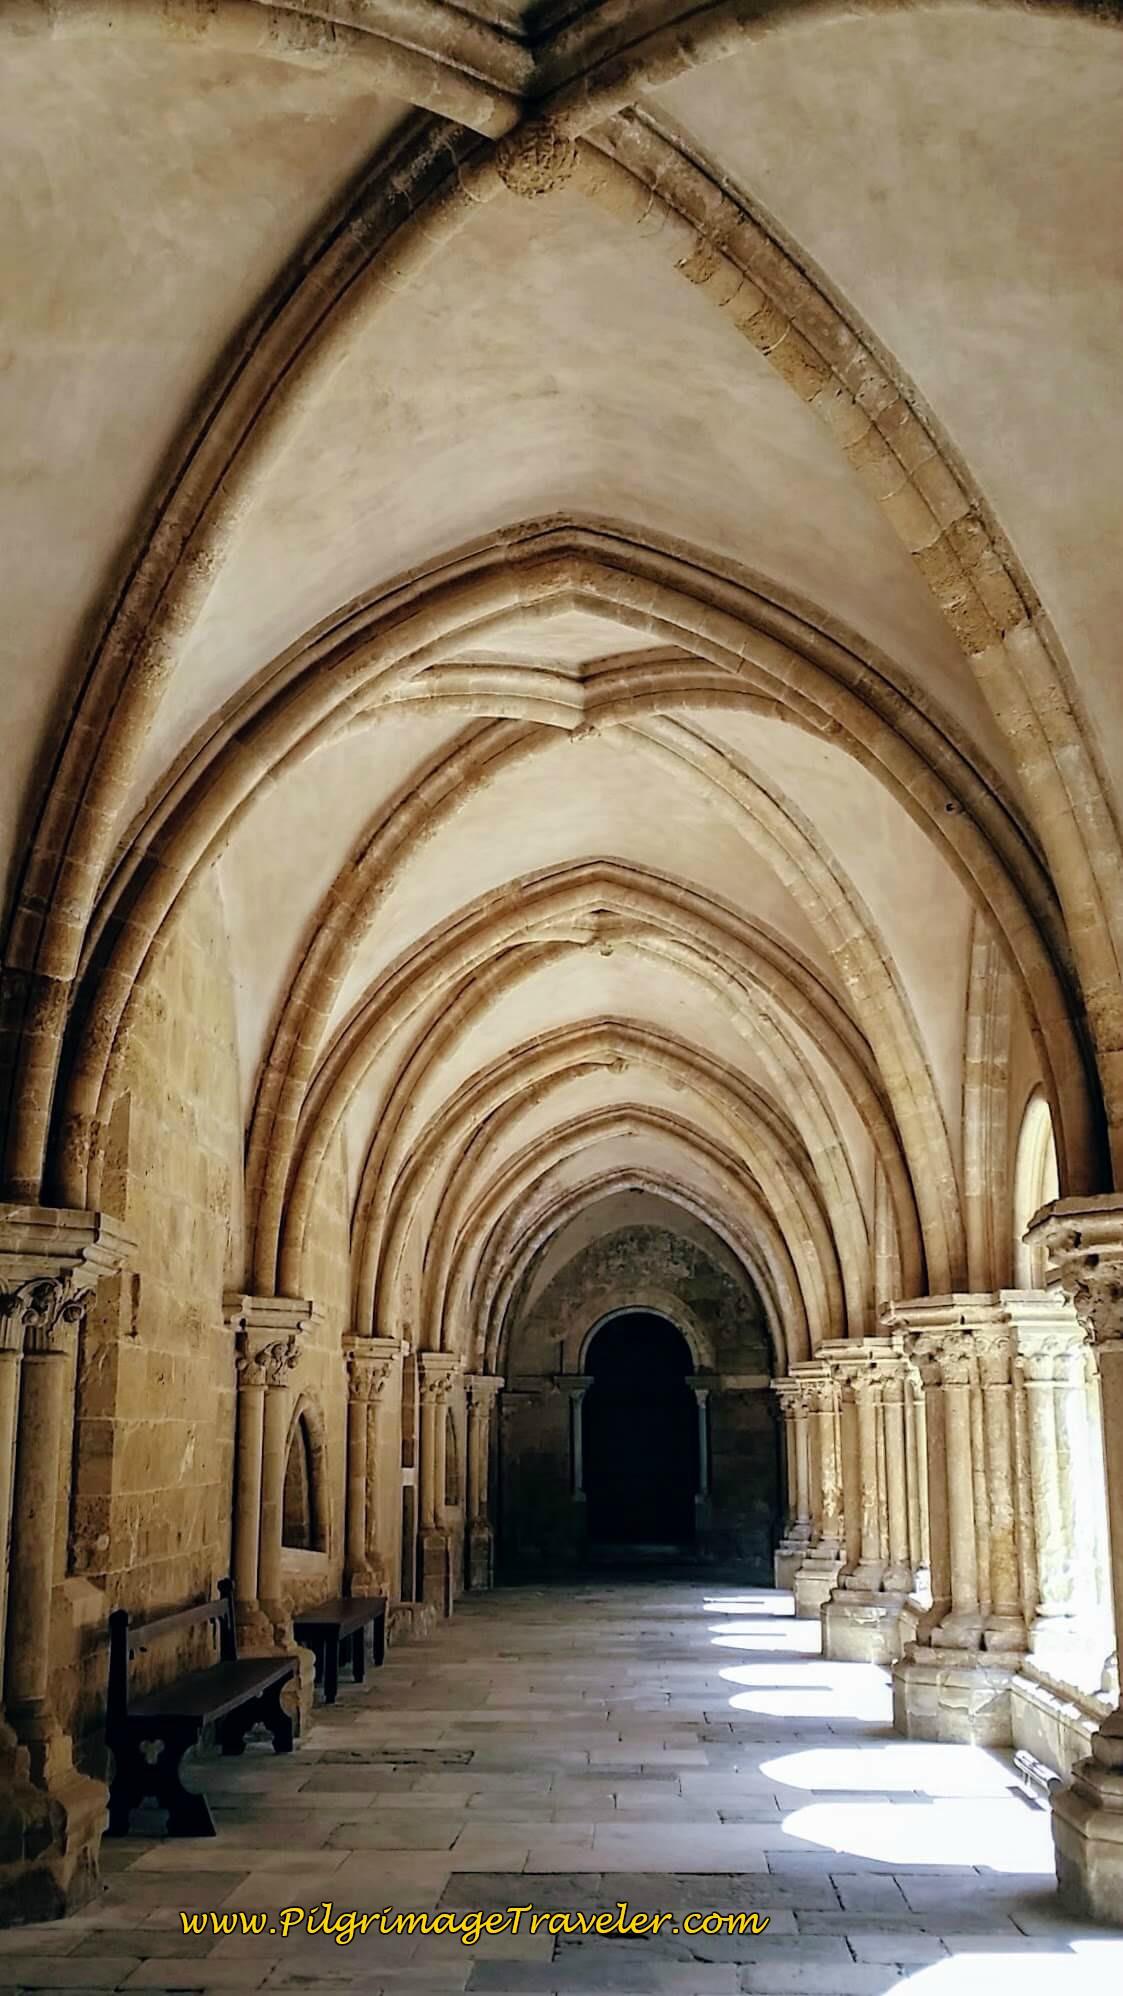 Sé Velha Cloister, Coimbra Portugal